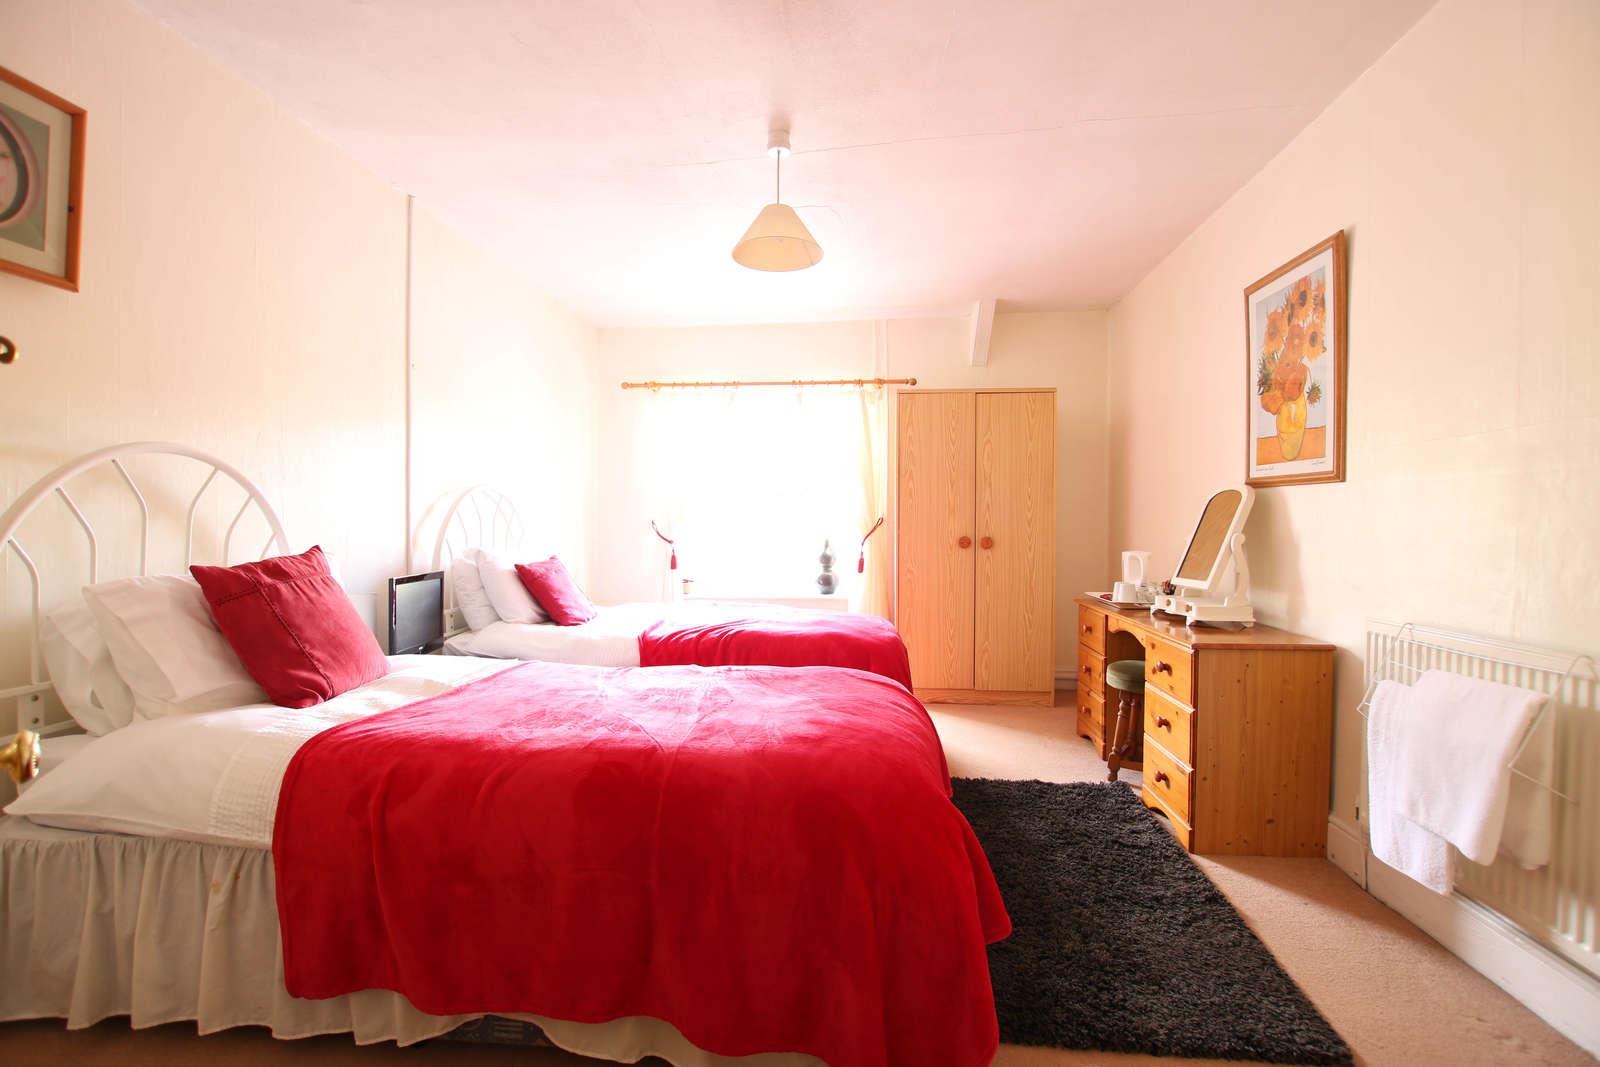 image showing bedroom 2 doorway view 001